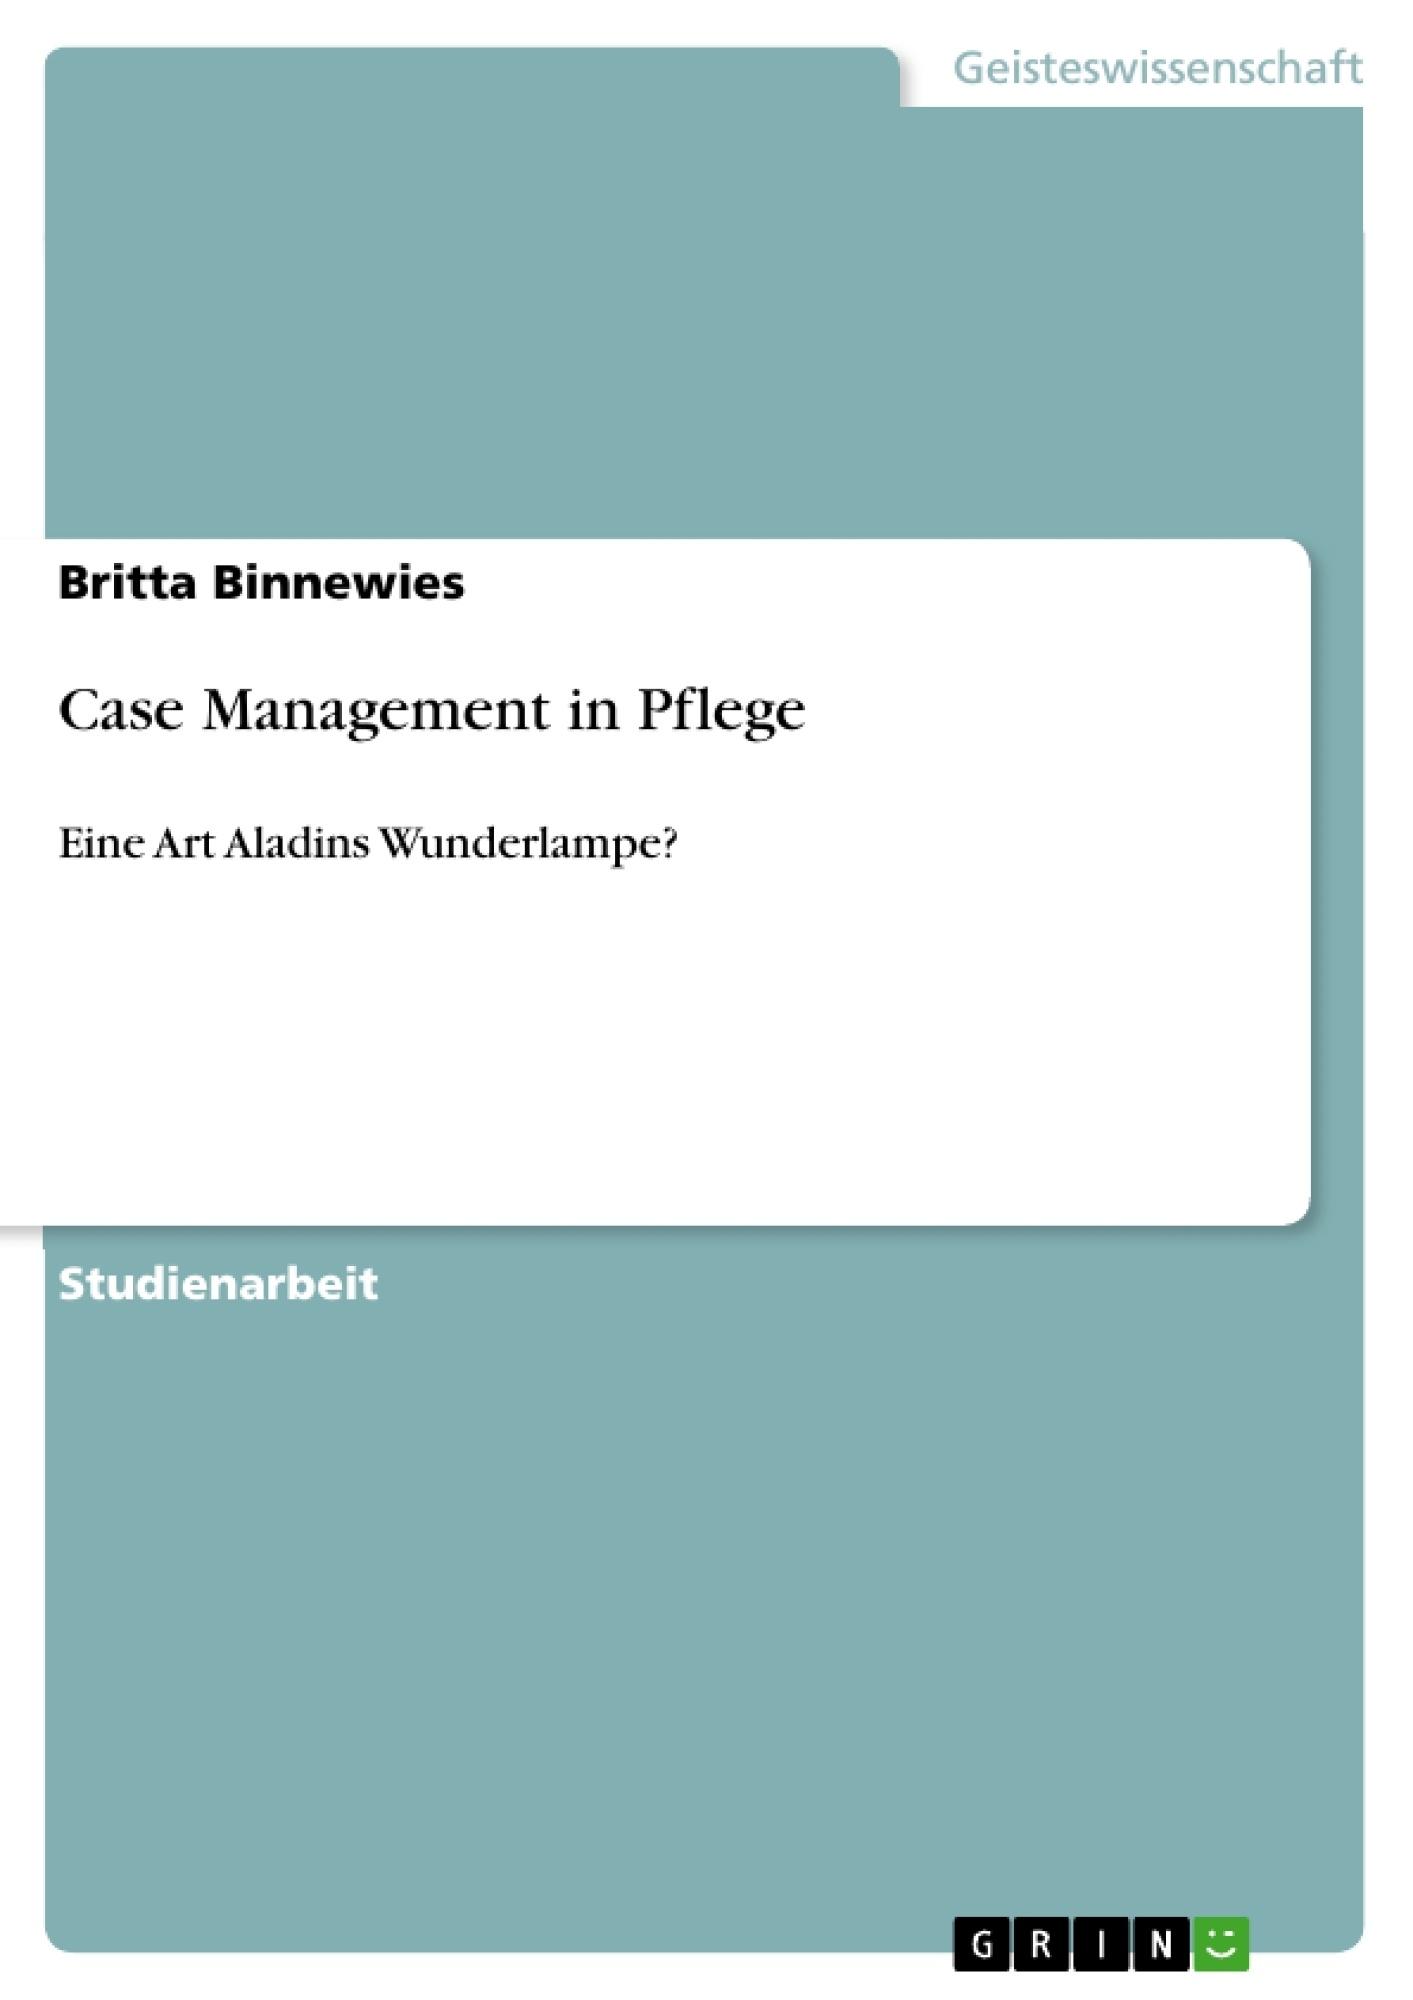 Titel: Case Management in Pflege